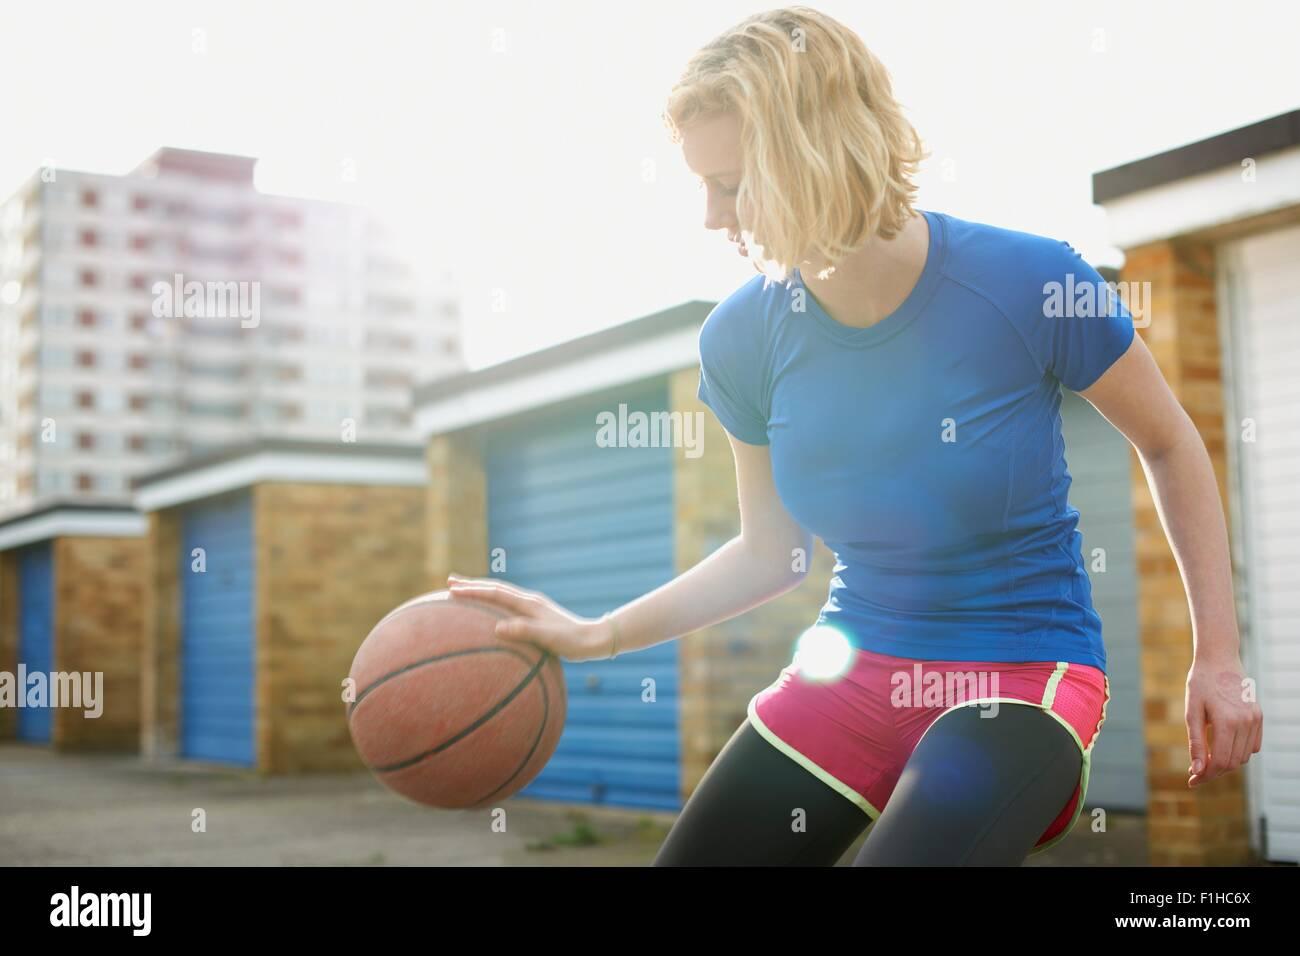 Porträt der Frau Basketball Prellen Stockbild